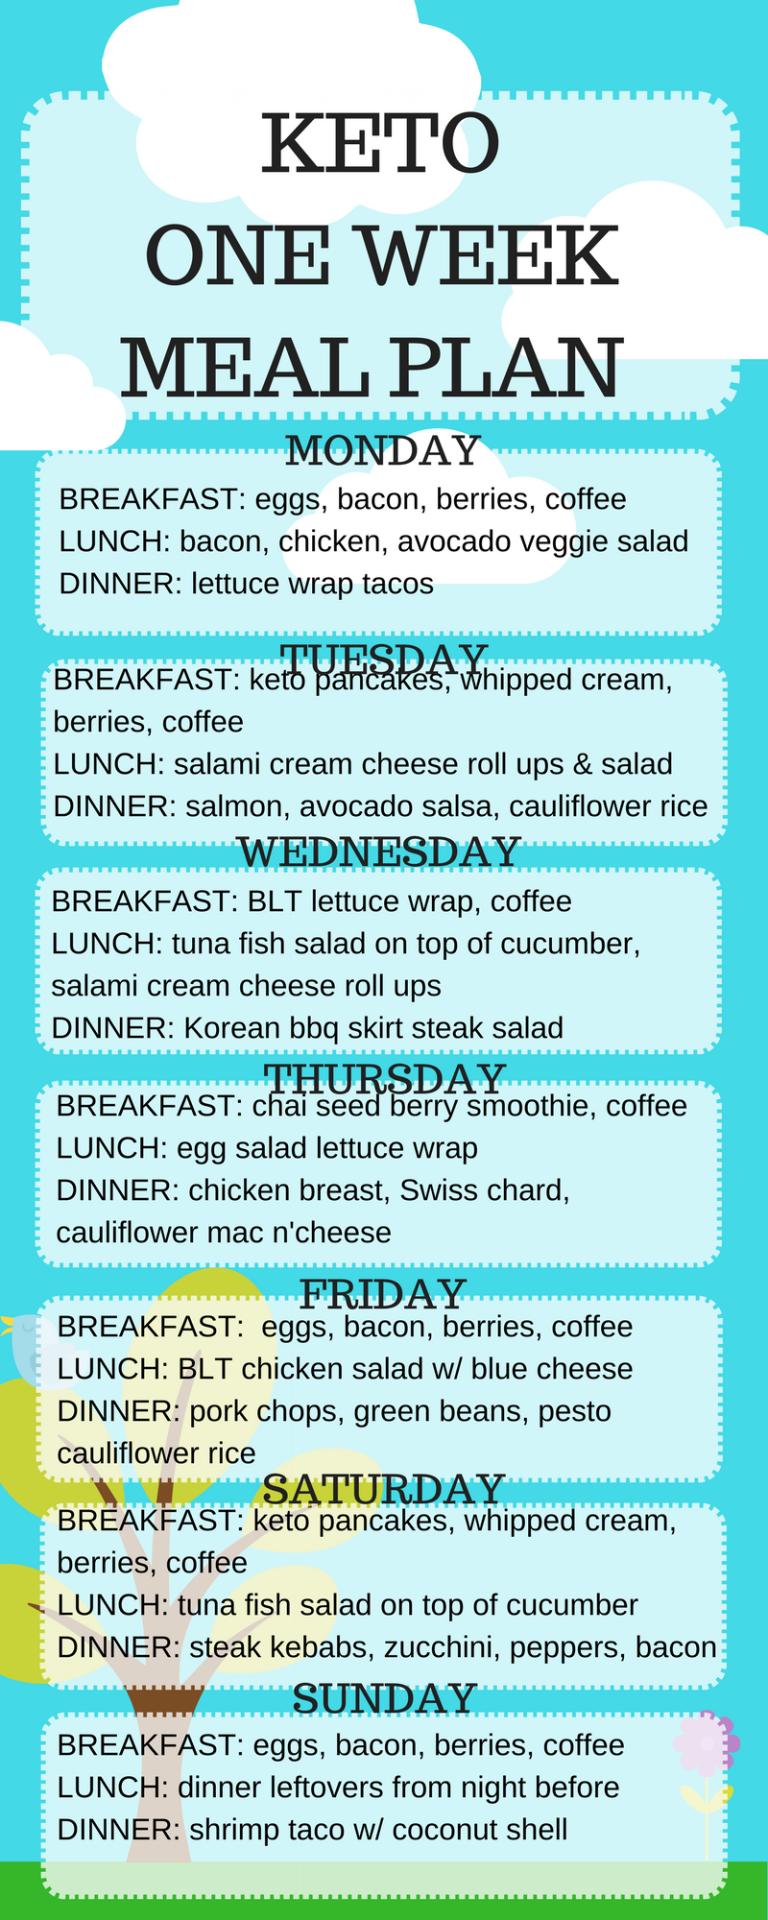 Keto One Week Meal Plan Seasonal Solutions One Week Meal Plan Keto Diet Plan Keto Diet Recipes